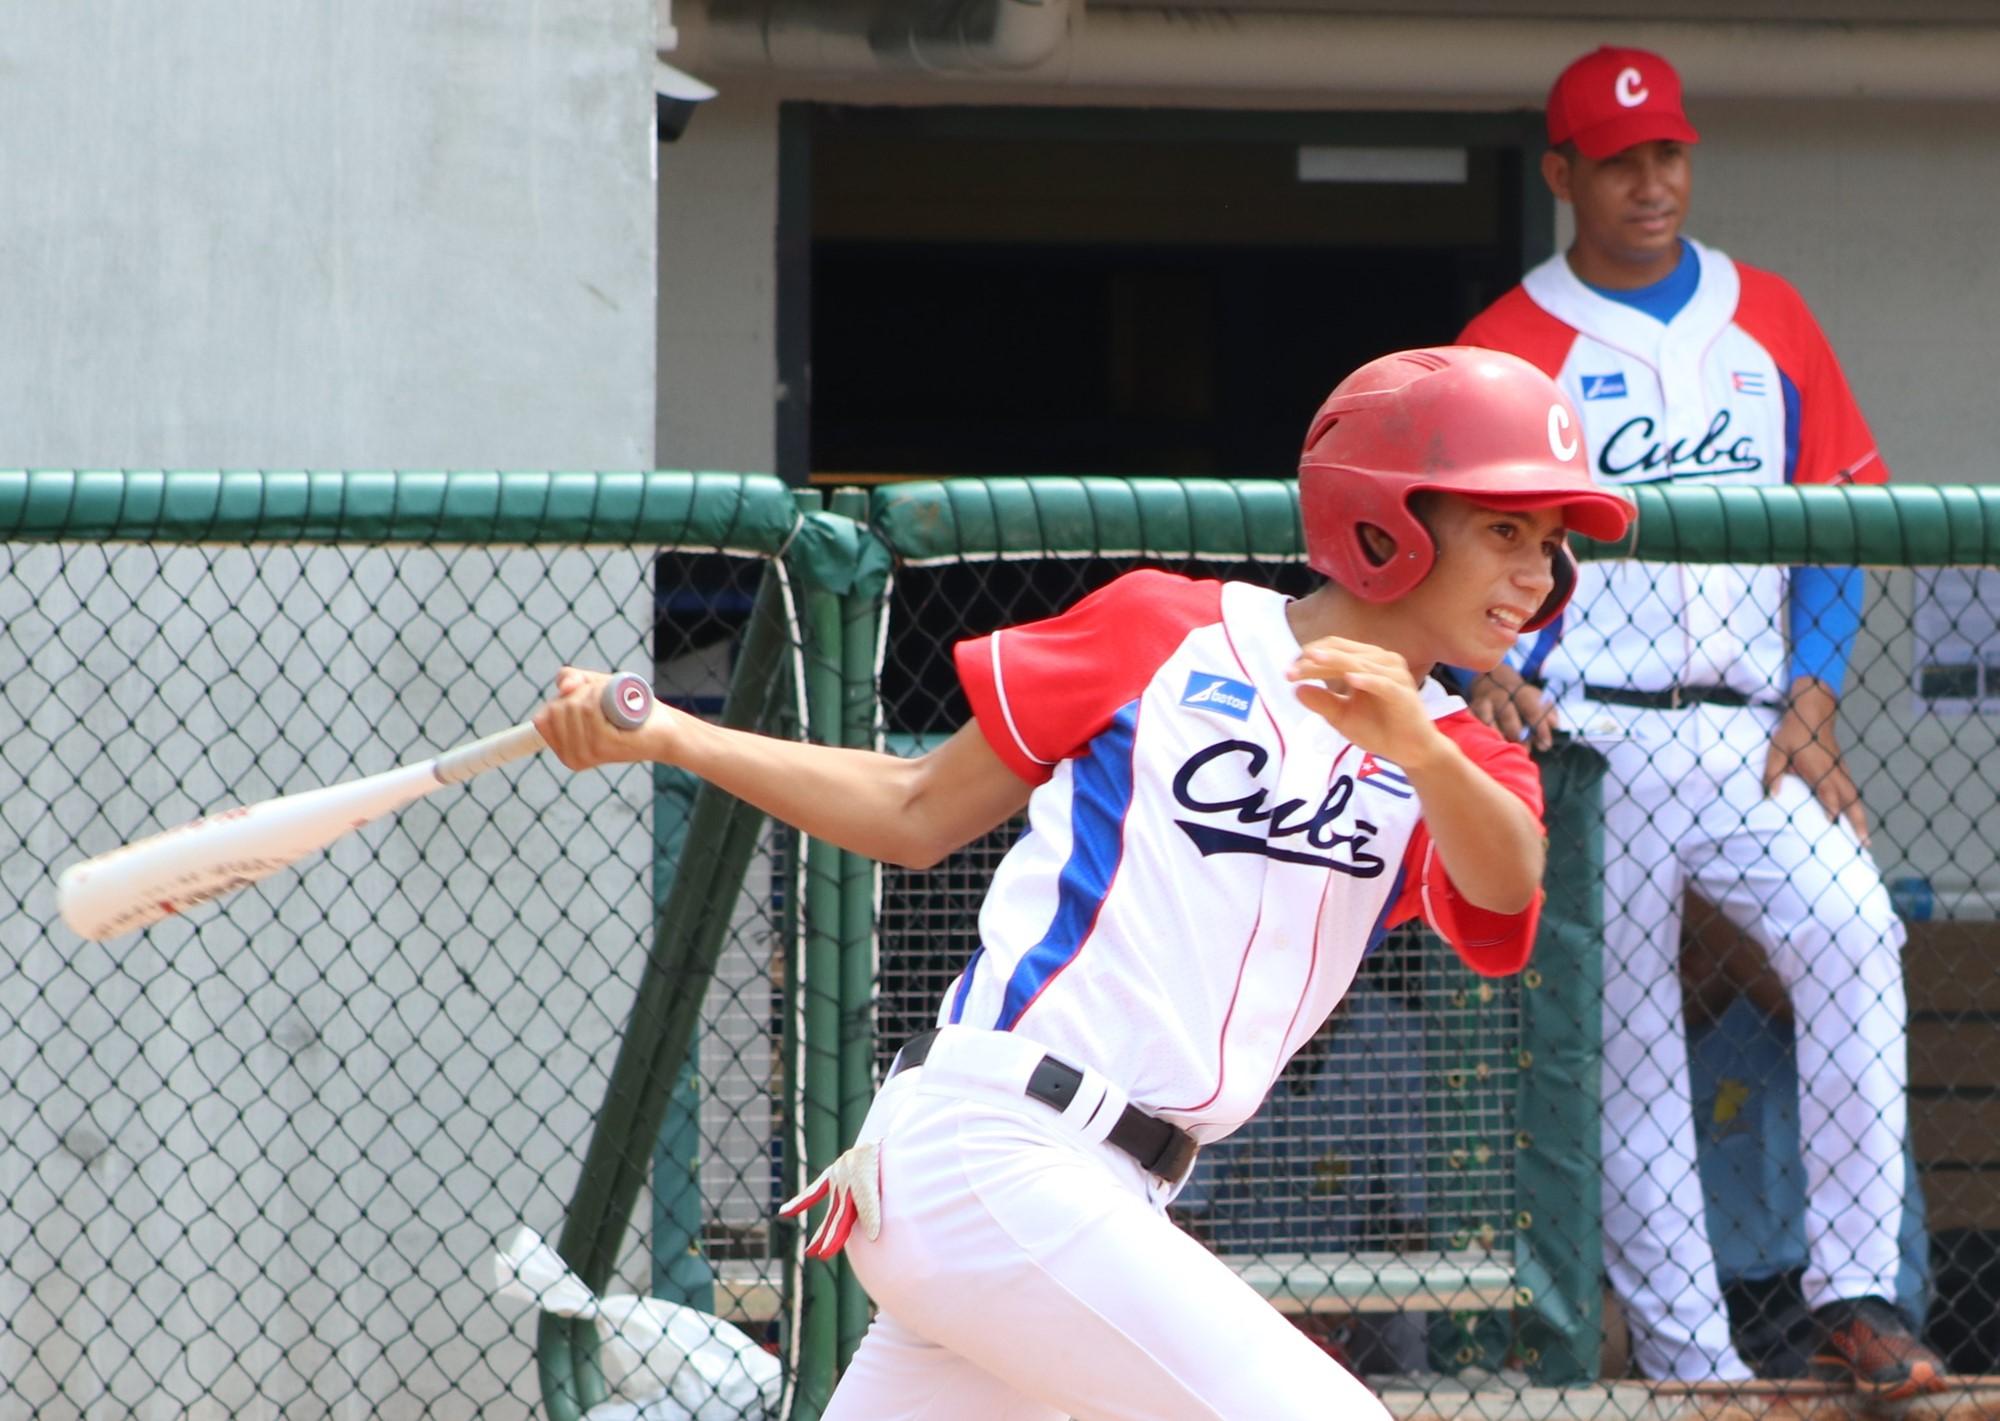 Cuba's bats made the rest